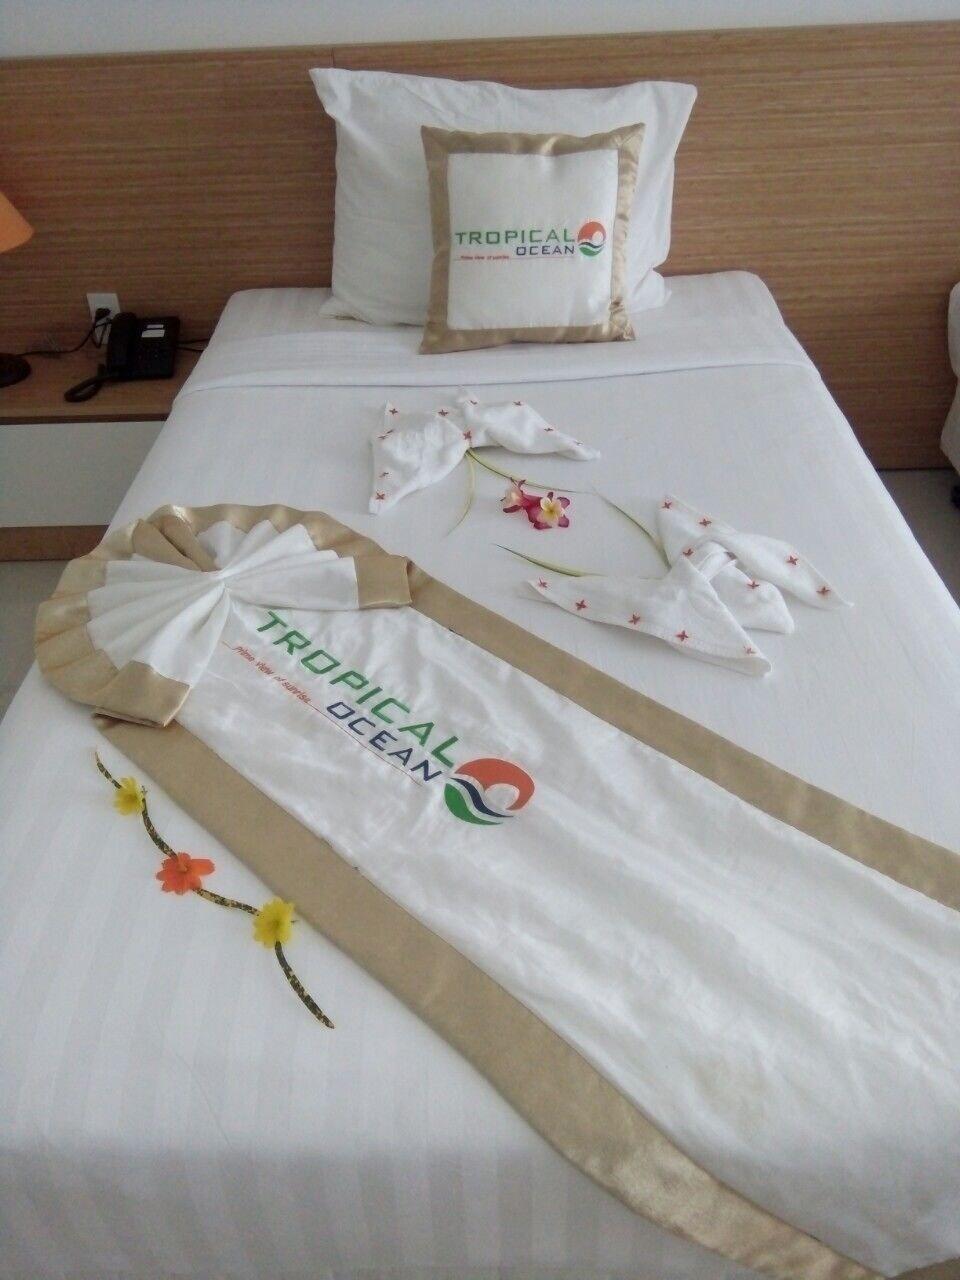 Tropical Ocean Villa & Resort, Hàm Thuận Nam